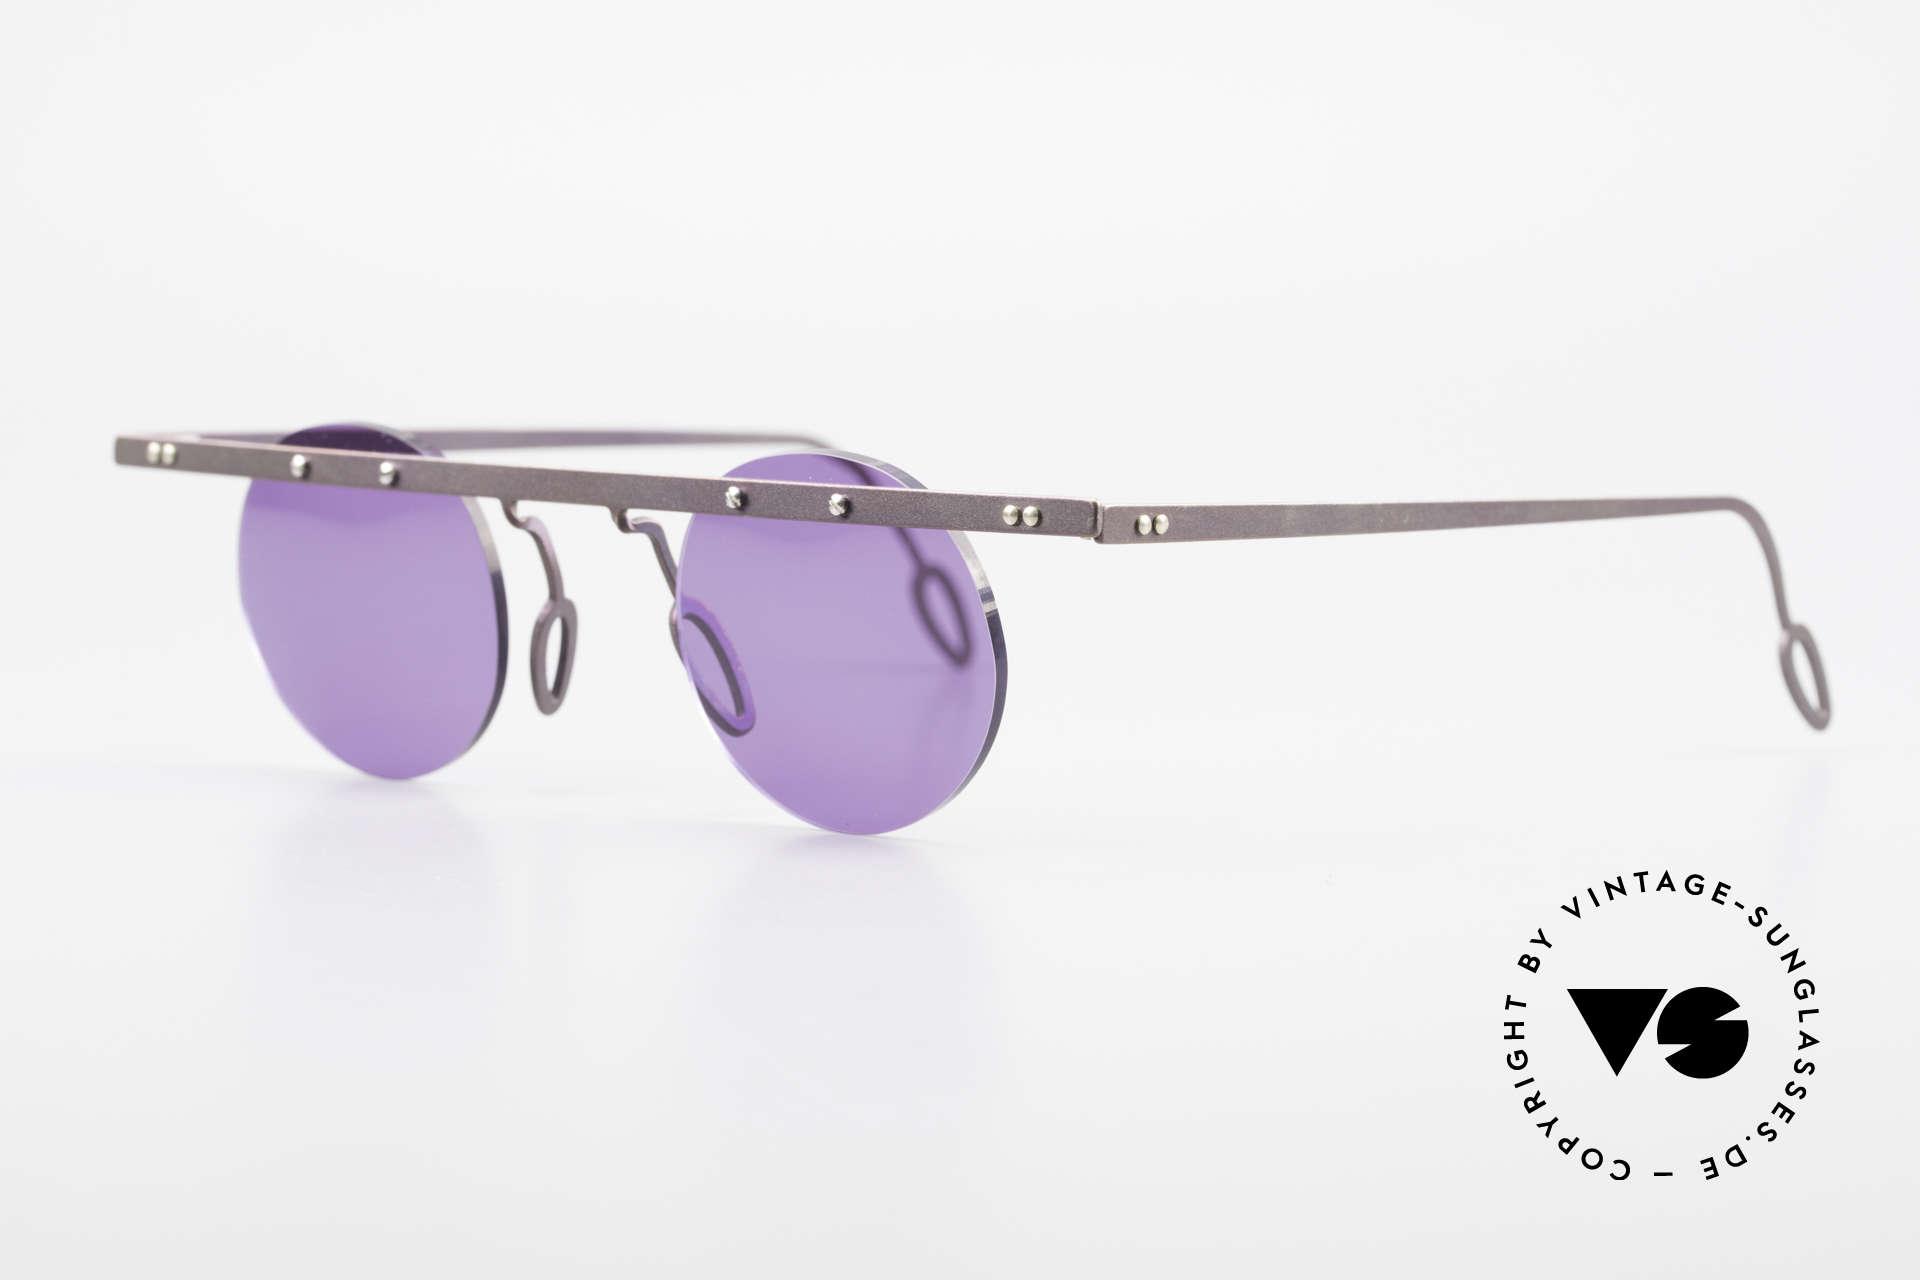 Theo Belgium Tita VII 5 Titanium 90er Sonnenbrille, TITA-Serie = XL Titanium Modelle von THEO der 1990er, Passend für Herren und Damen